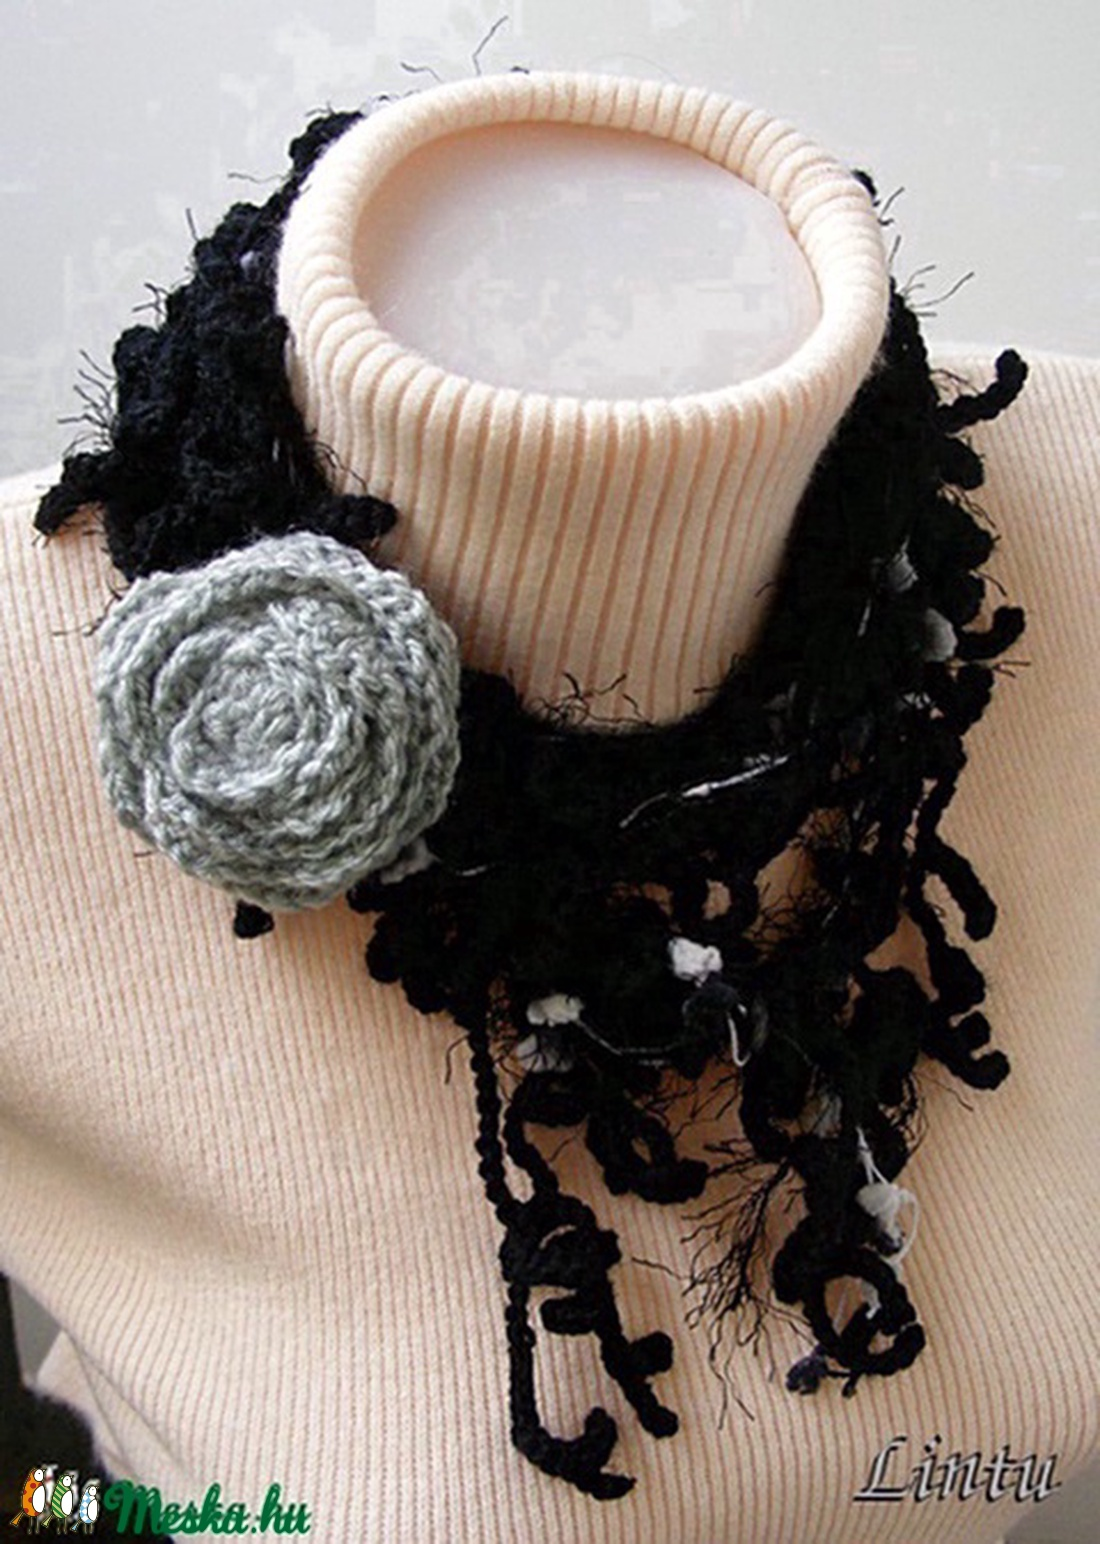 Horgolt ágas-bogas nyaklánc fekete-szürke színekben - ékszer - nyaklánc - nyakpánt, gallér - Meska.hu